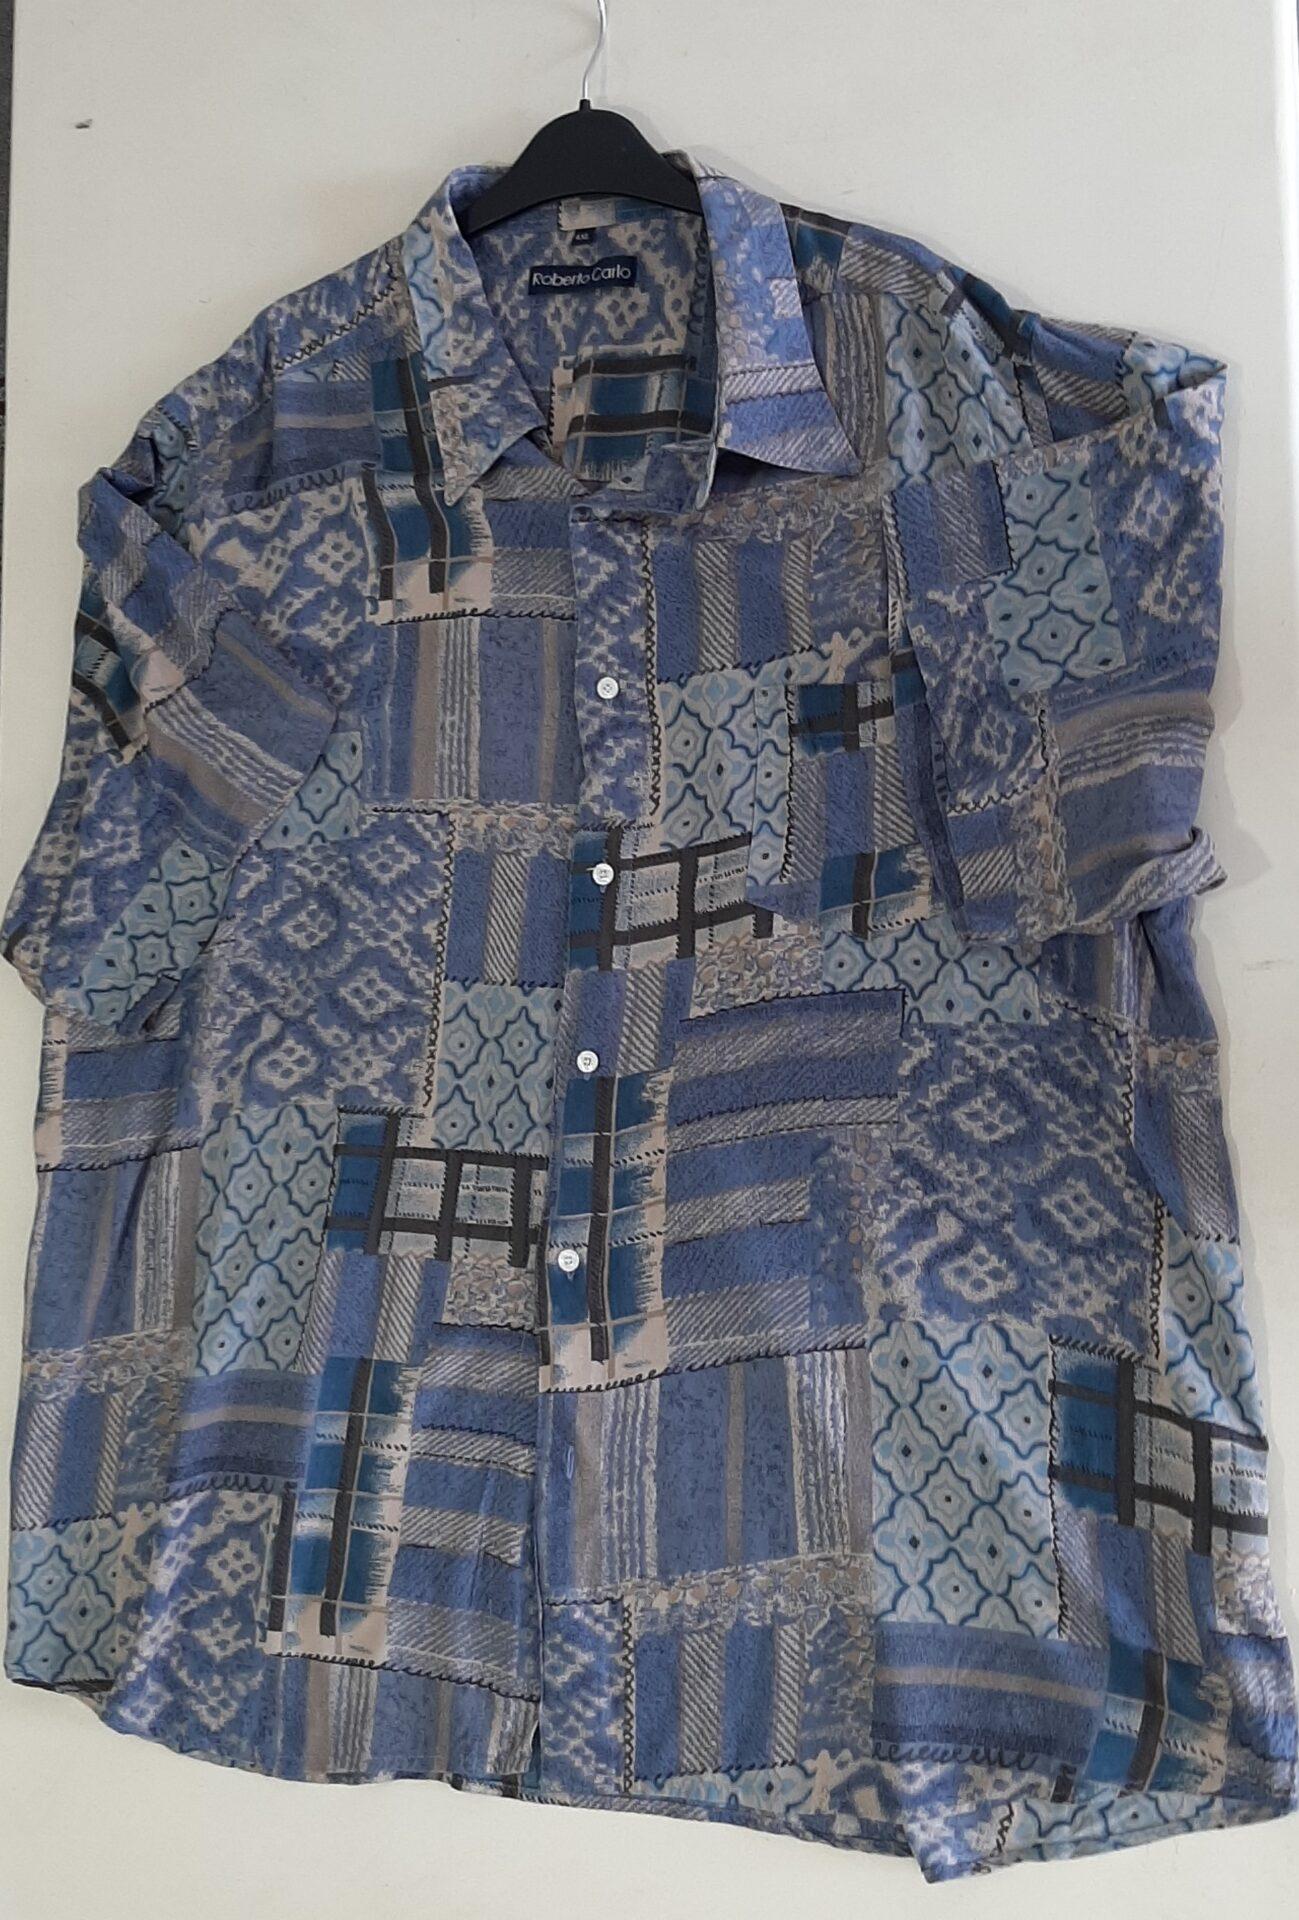 Sir Patrick Moore Shirt